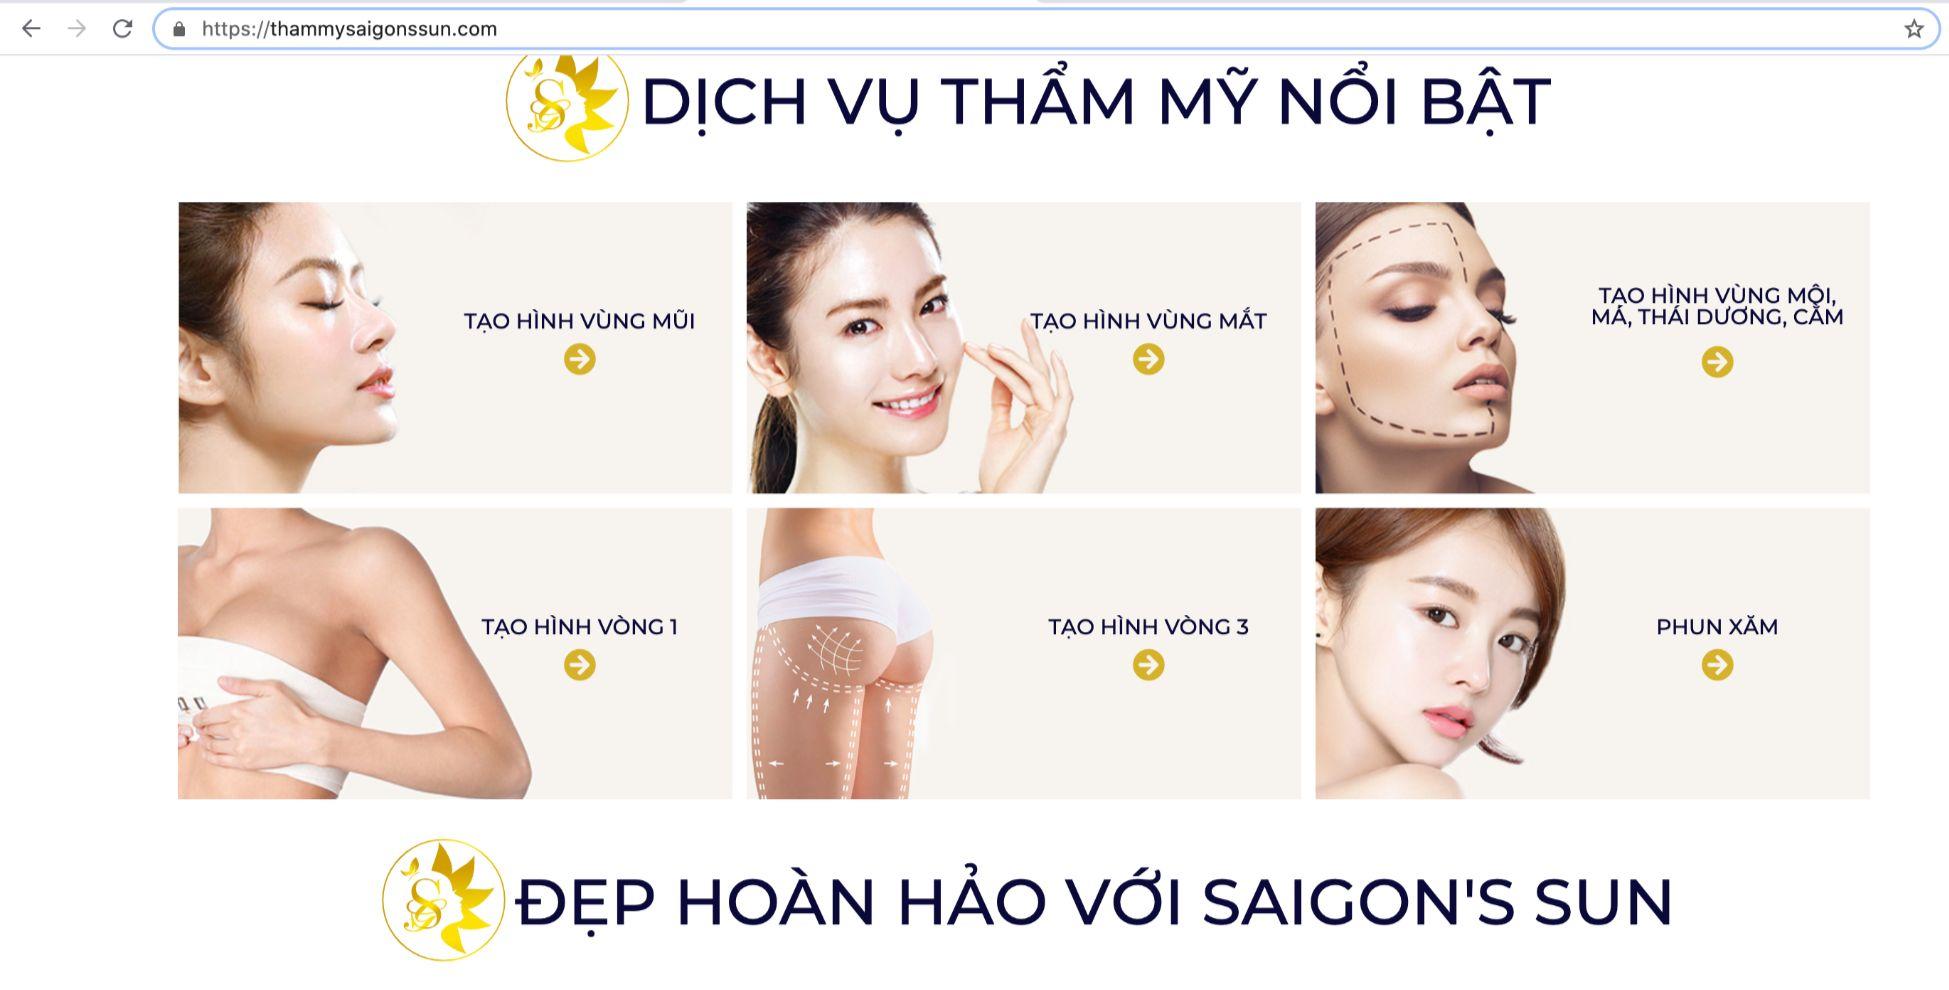 Trung tâm phẫu thuật thẩm mỹ Saigon'sun có được phép nâng ngực như quảng cáo?